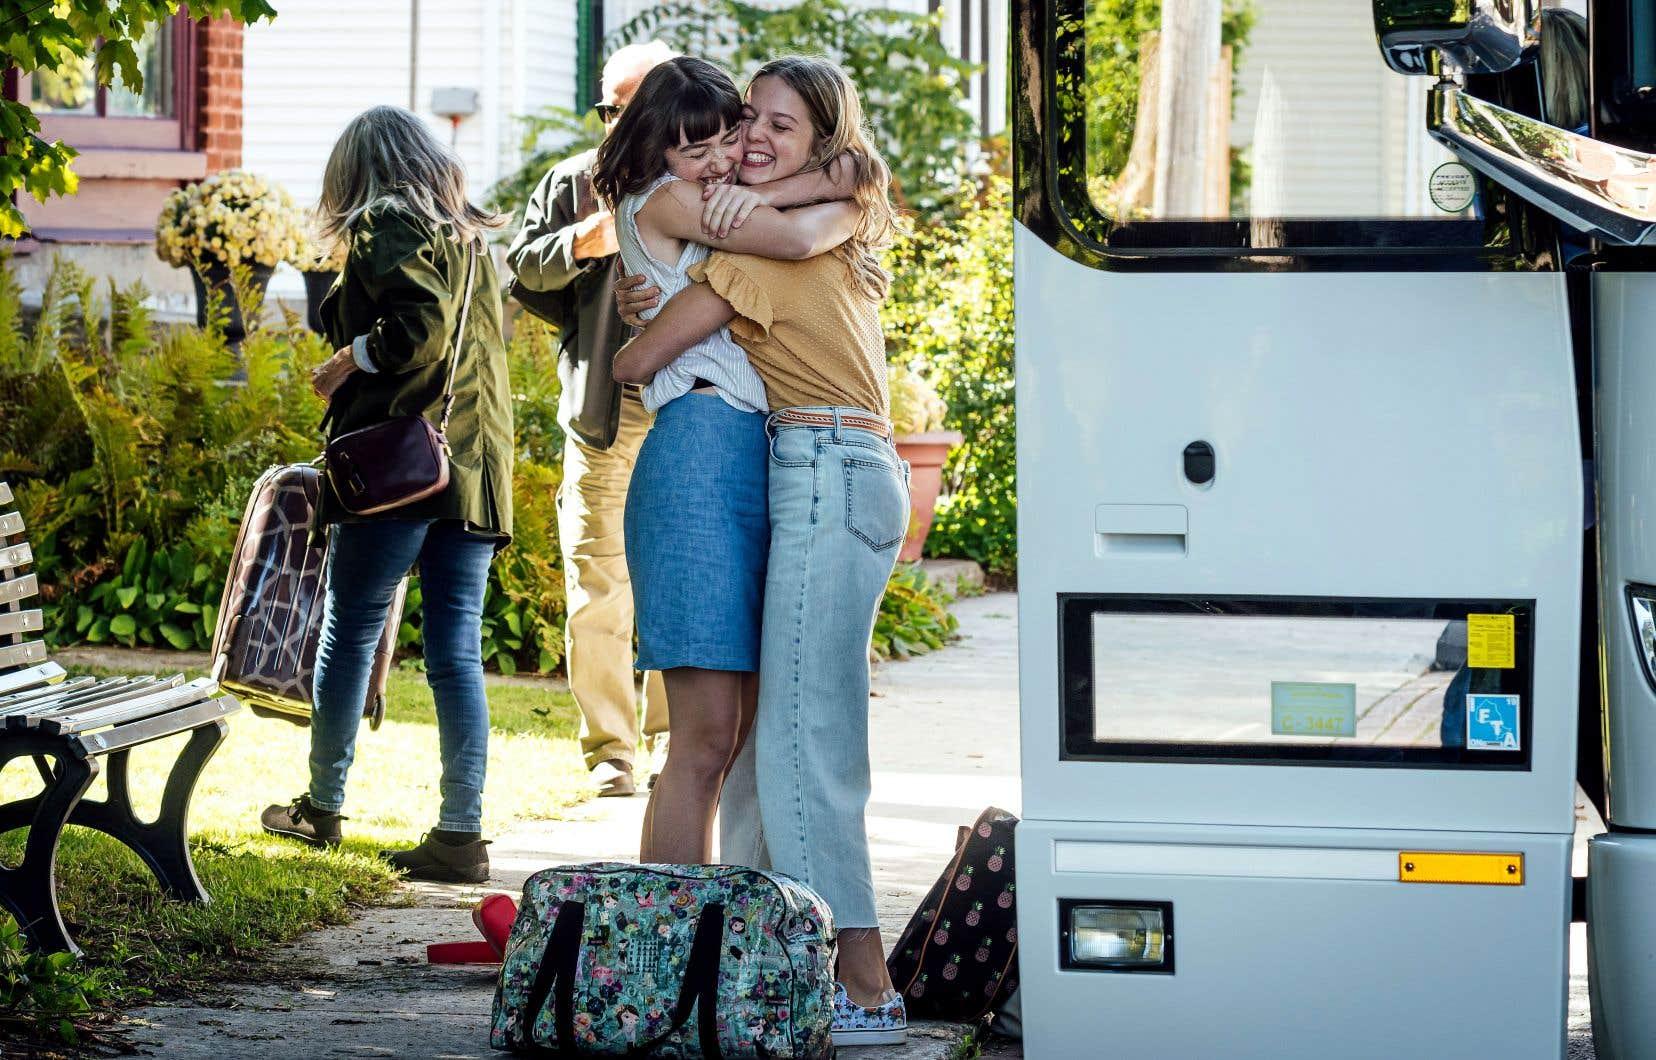 Léa Olivier (Laurence Deschênes, à droite) vient tout juste d'emménager à Montréal avec sa famille. Contre son gré. Tout lui manque de son ancienne existence: sa meilleure amie, son amoureux, ses repères.